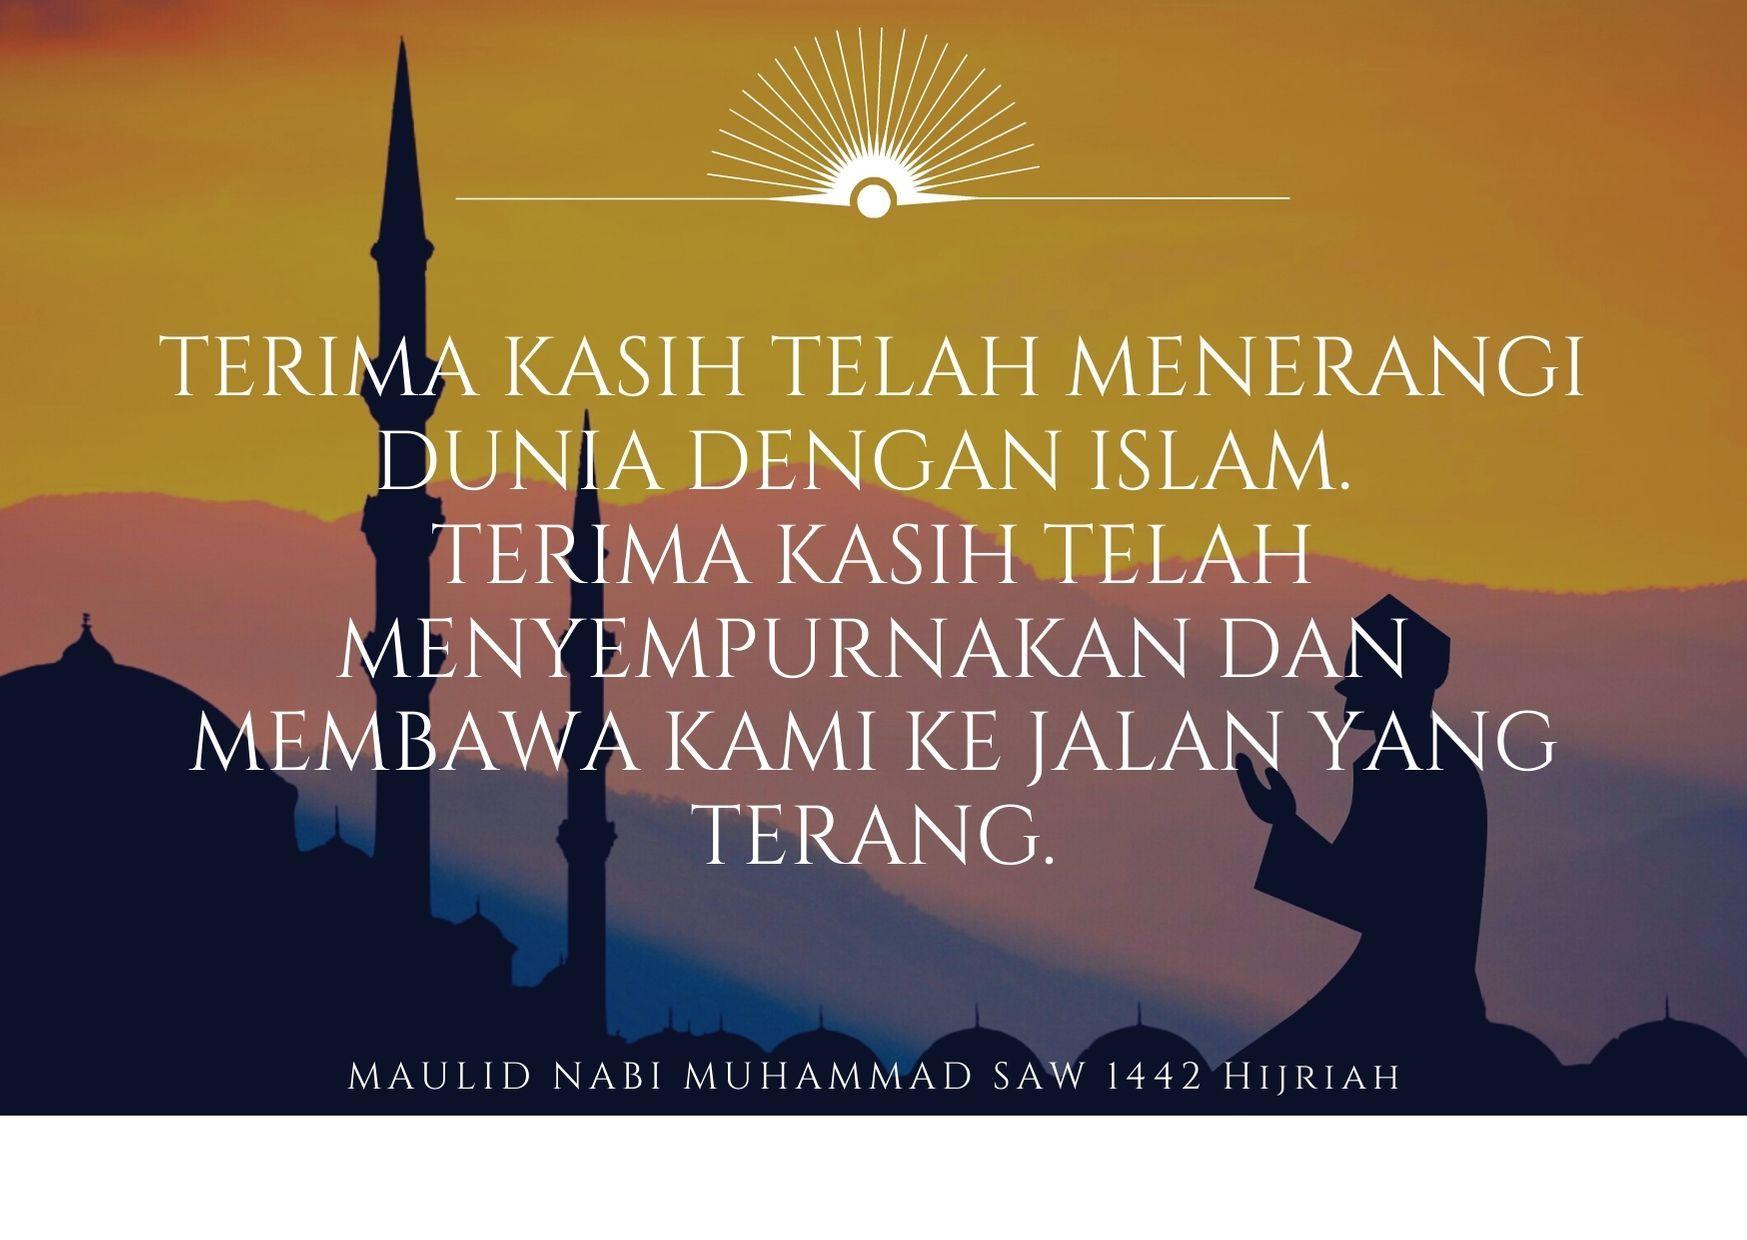 Bentuk Kebahagiaan, Ini 15 Ucapan Maulid Nabi Muhammad SAW